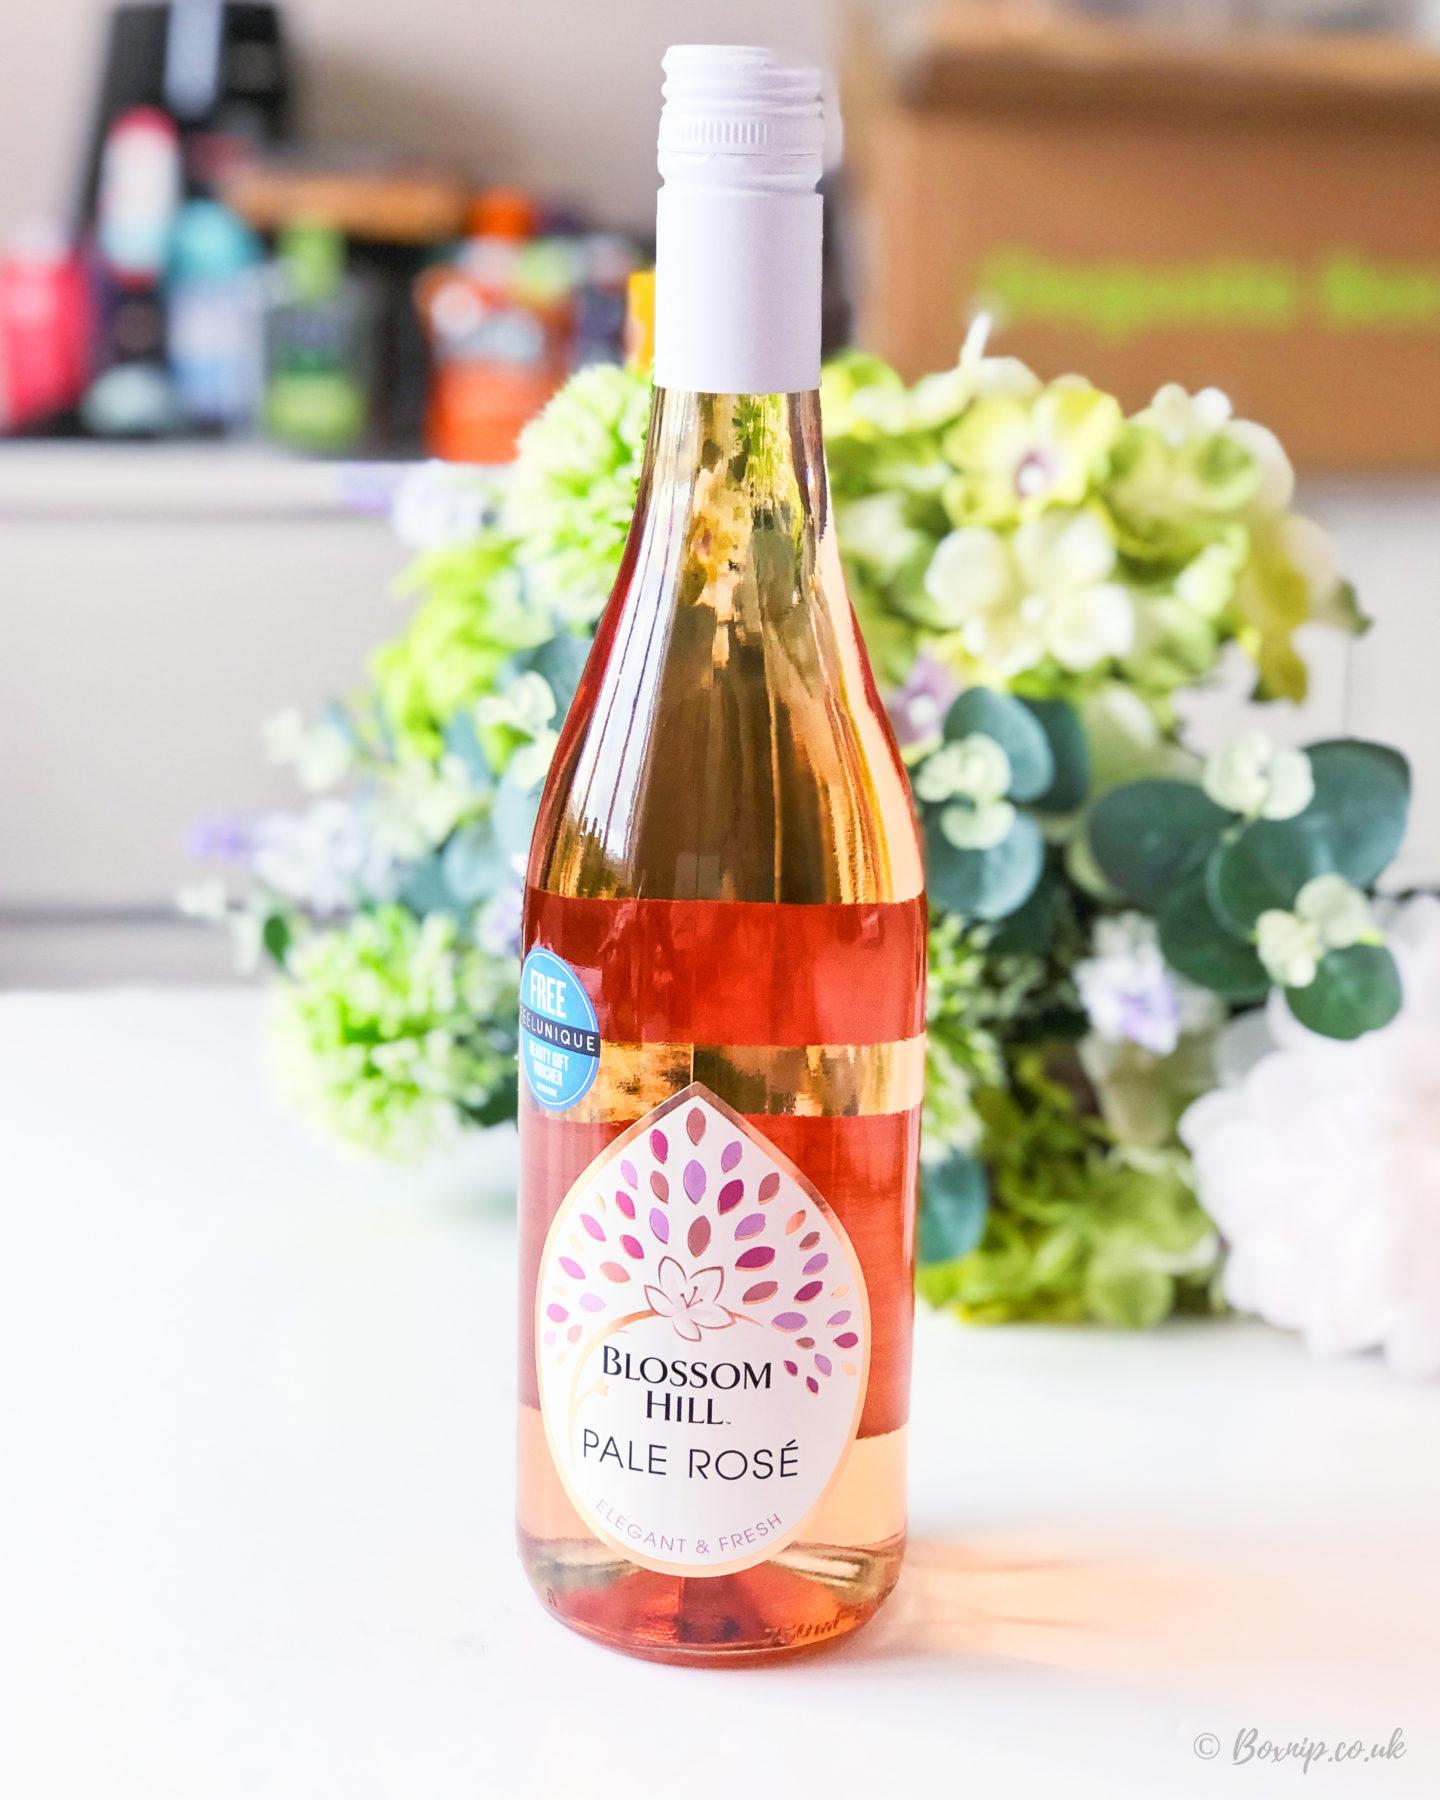 Blossom Hill Pale Rosé - August 2019 Degusta Box